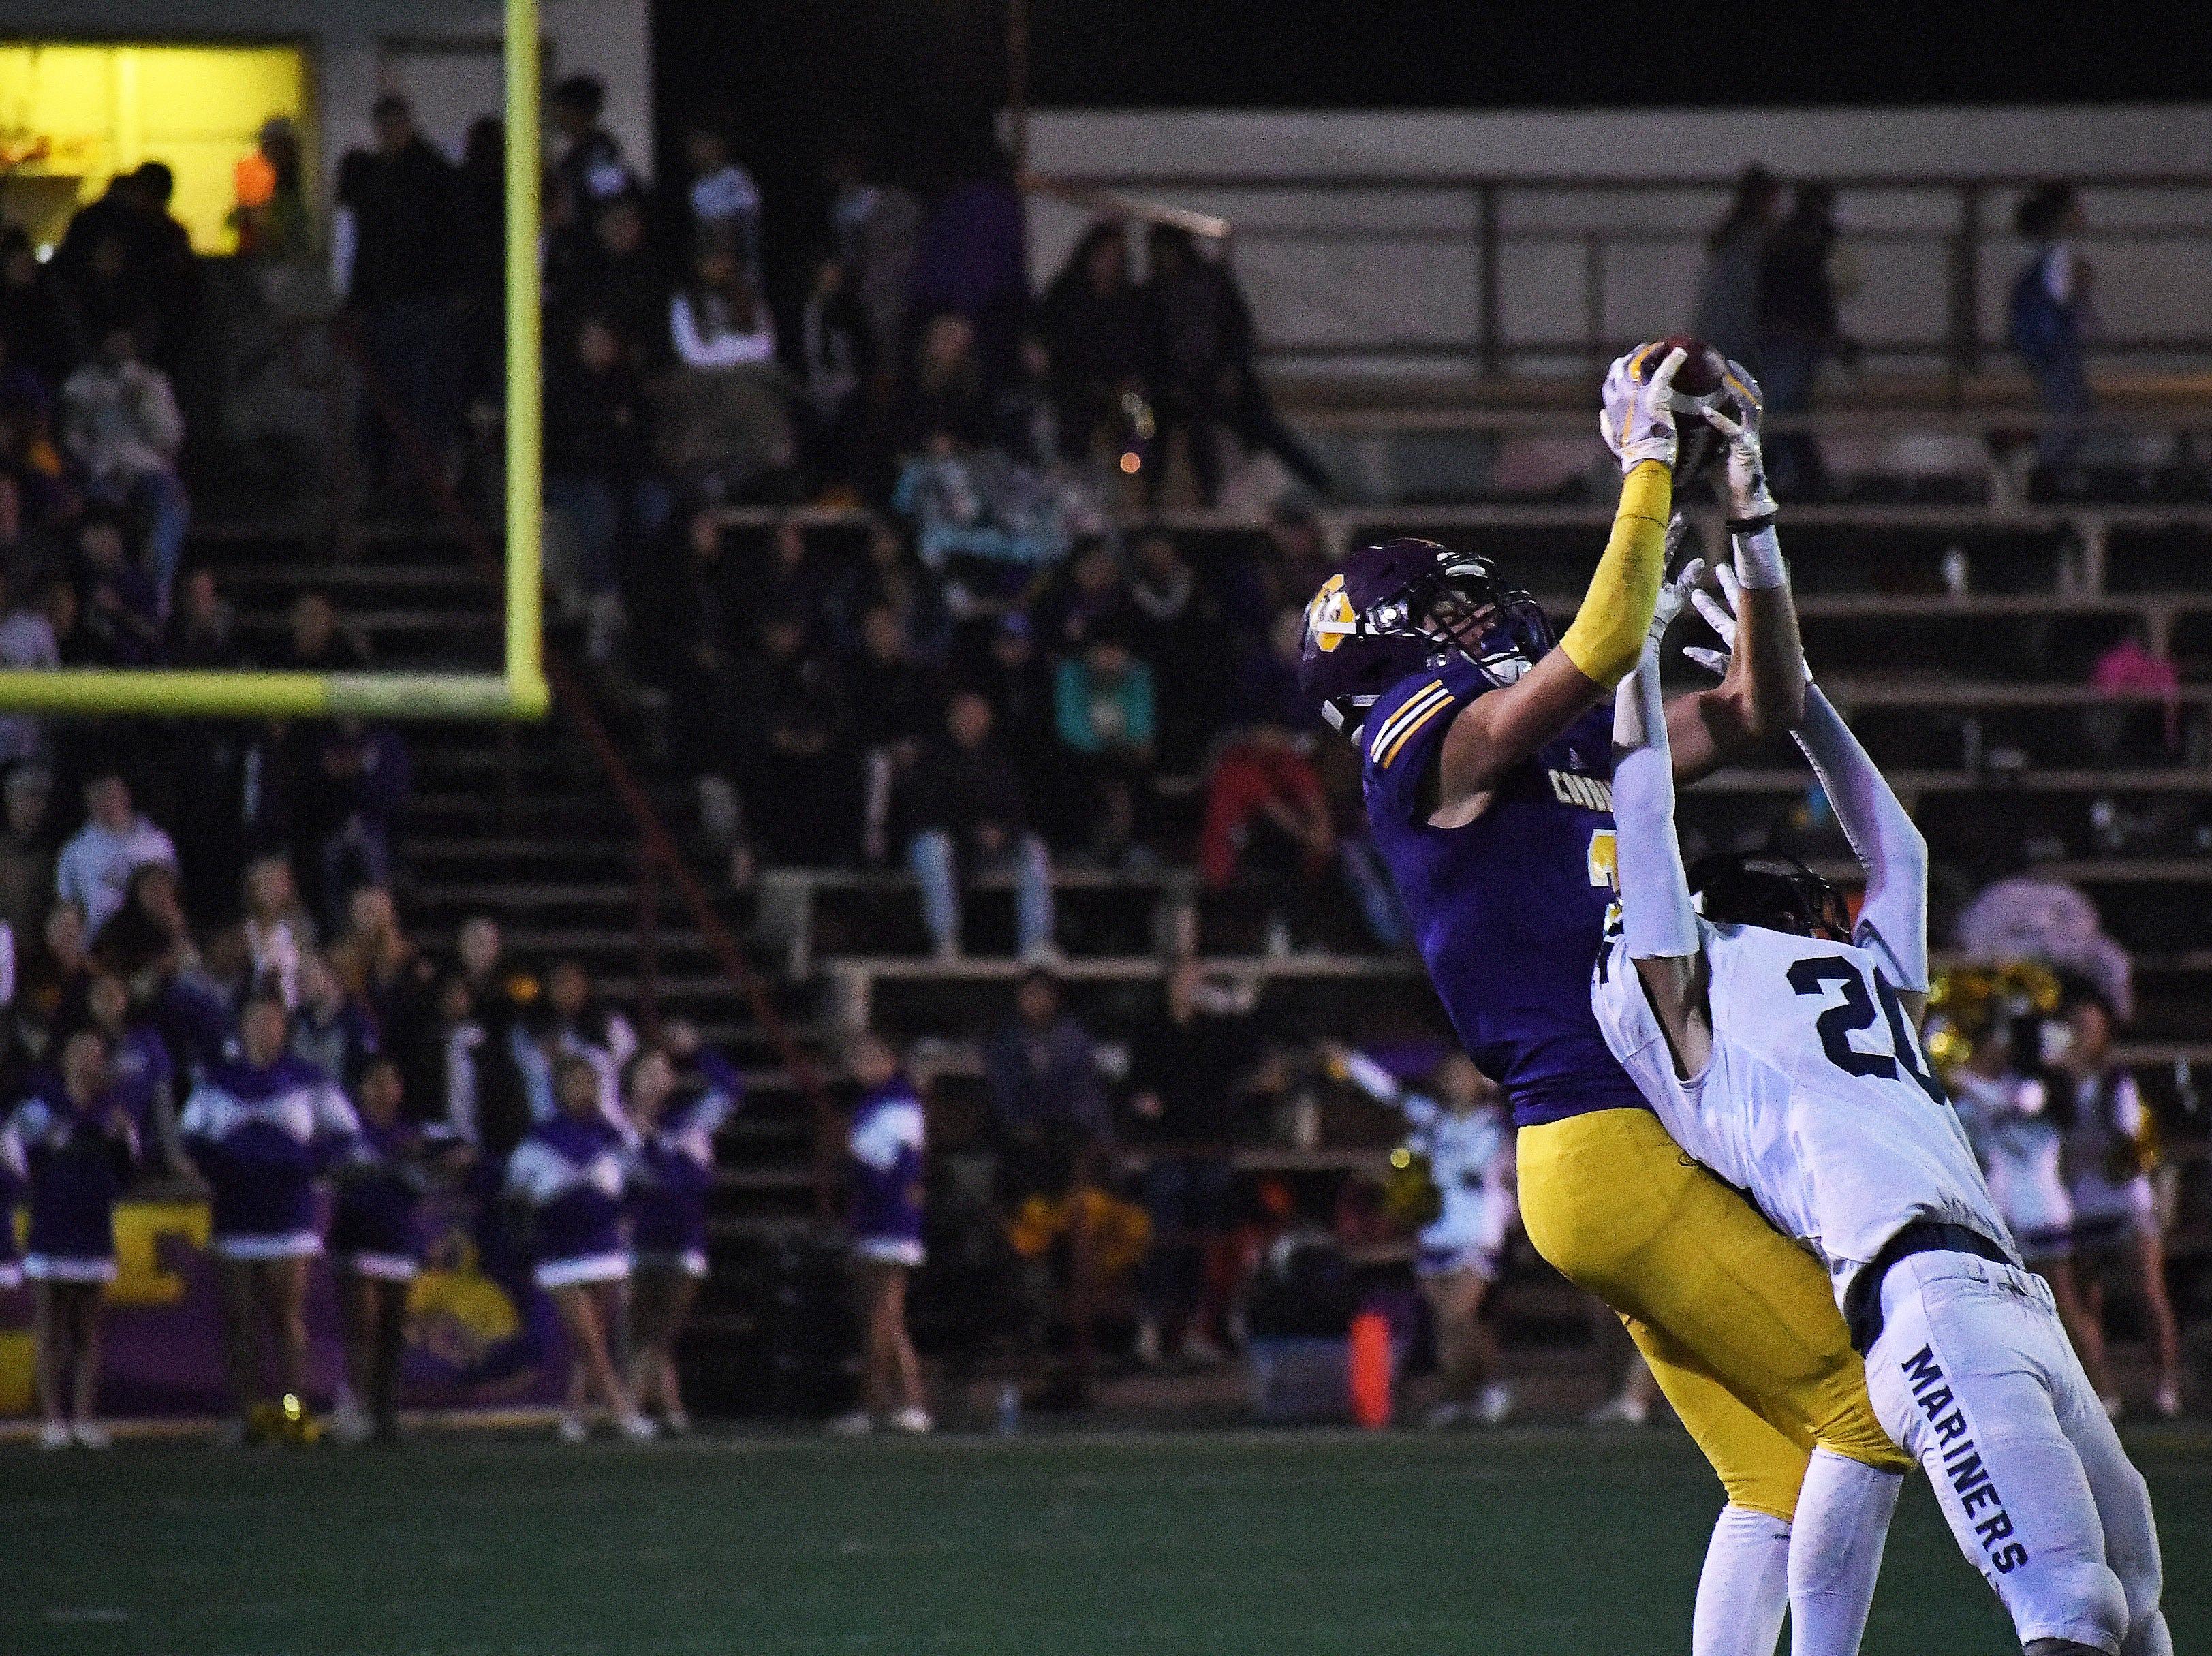 Salinas wide receiver Zachary Robison (2) makes a catch over an Aptos defender.